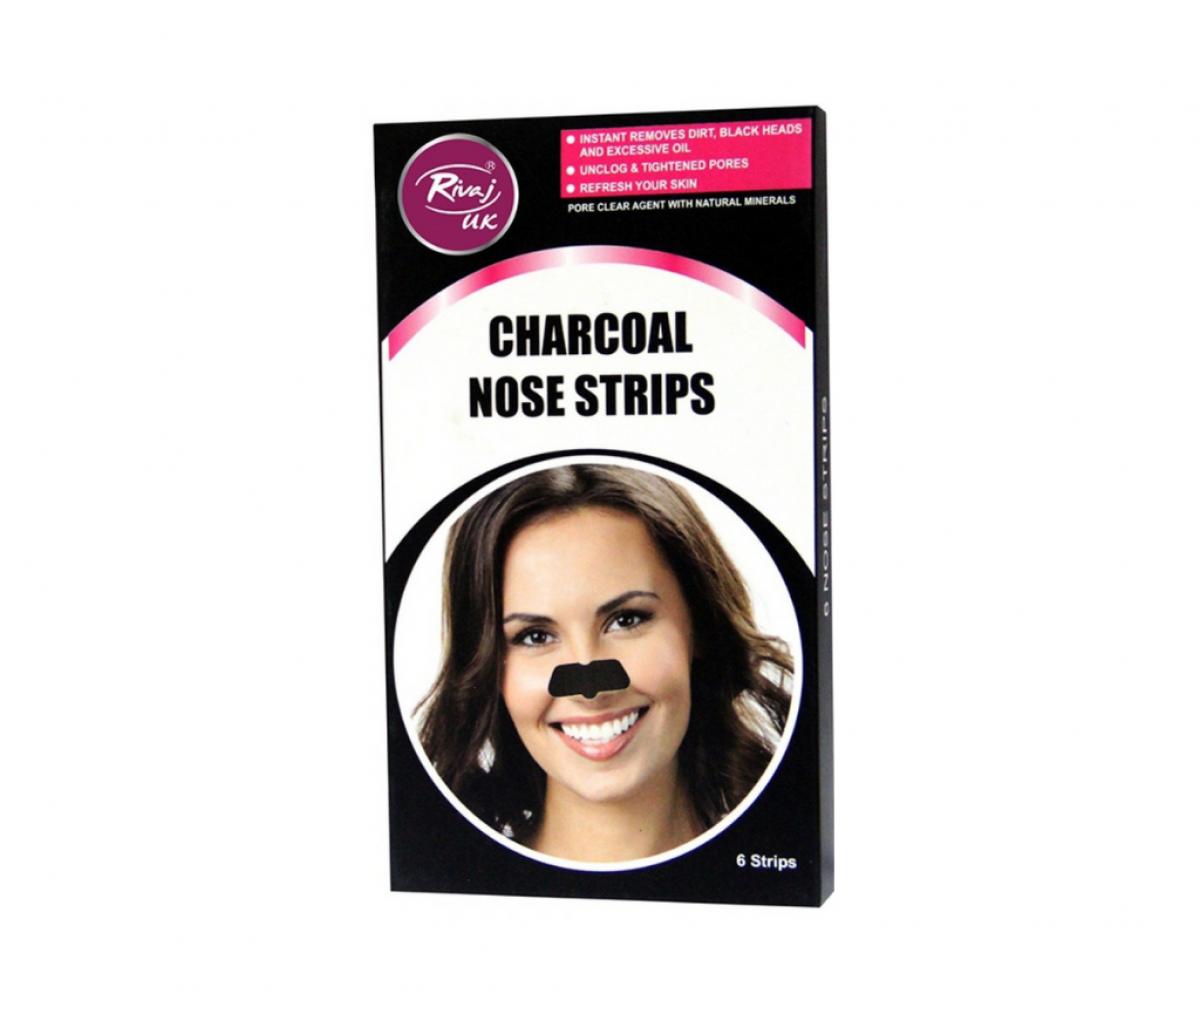 Rivaj Charcoal Nose Strip